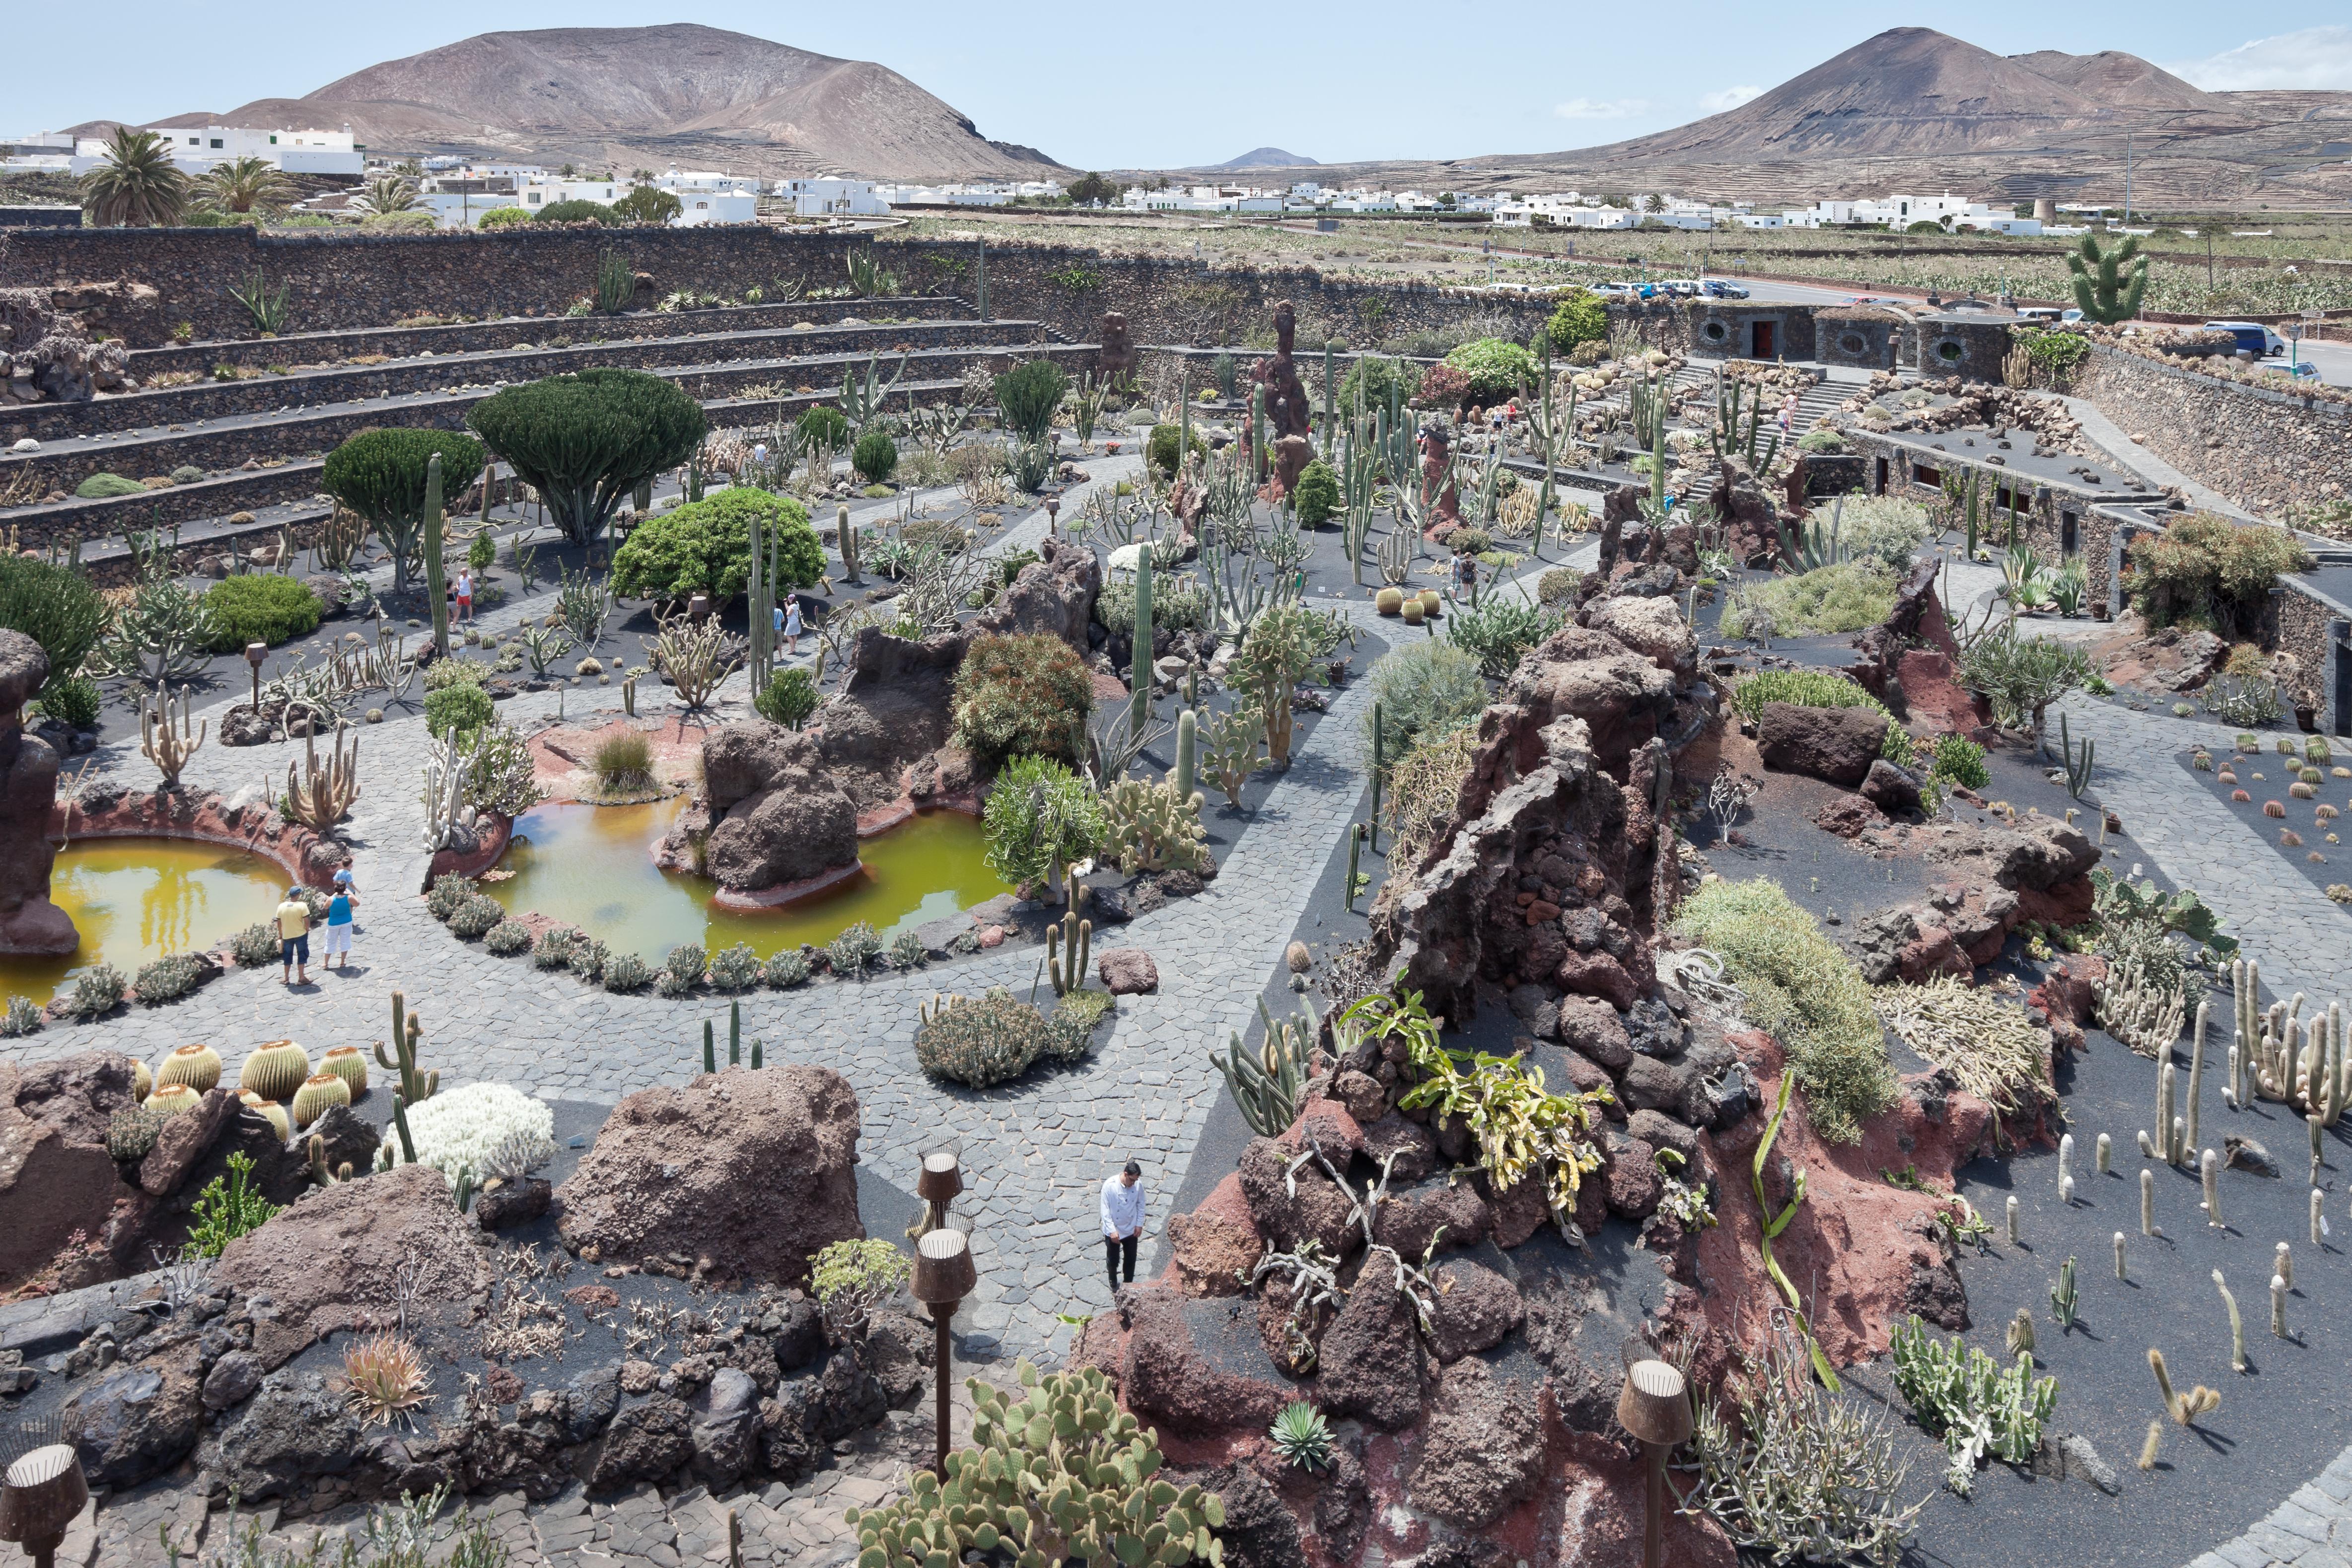 filejardn de cactus guatiza lanzarote j20jpg - Jardn De Cactus